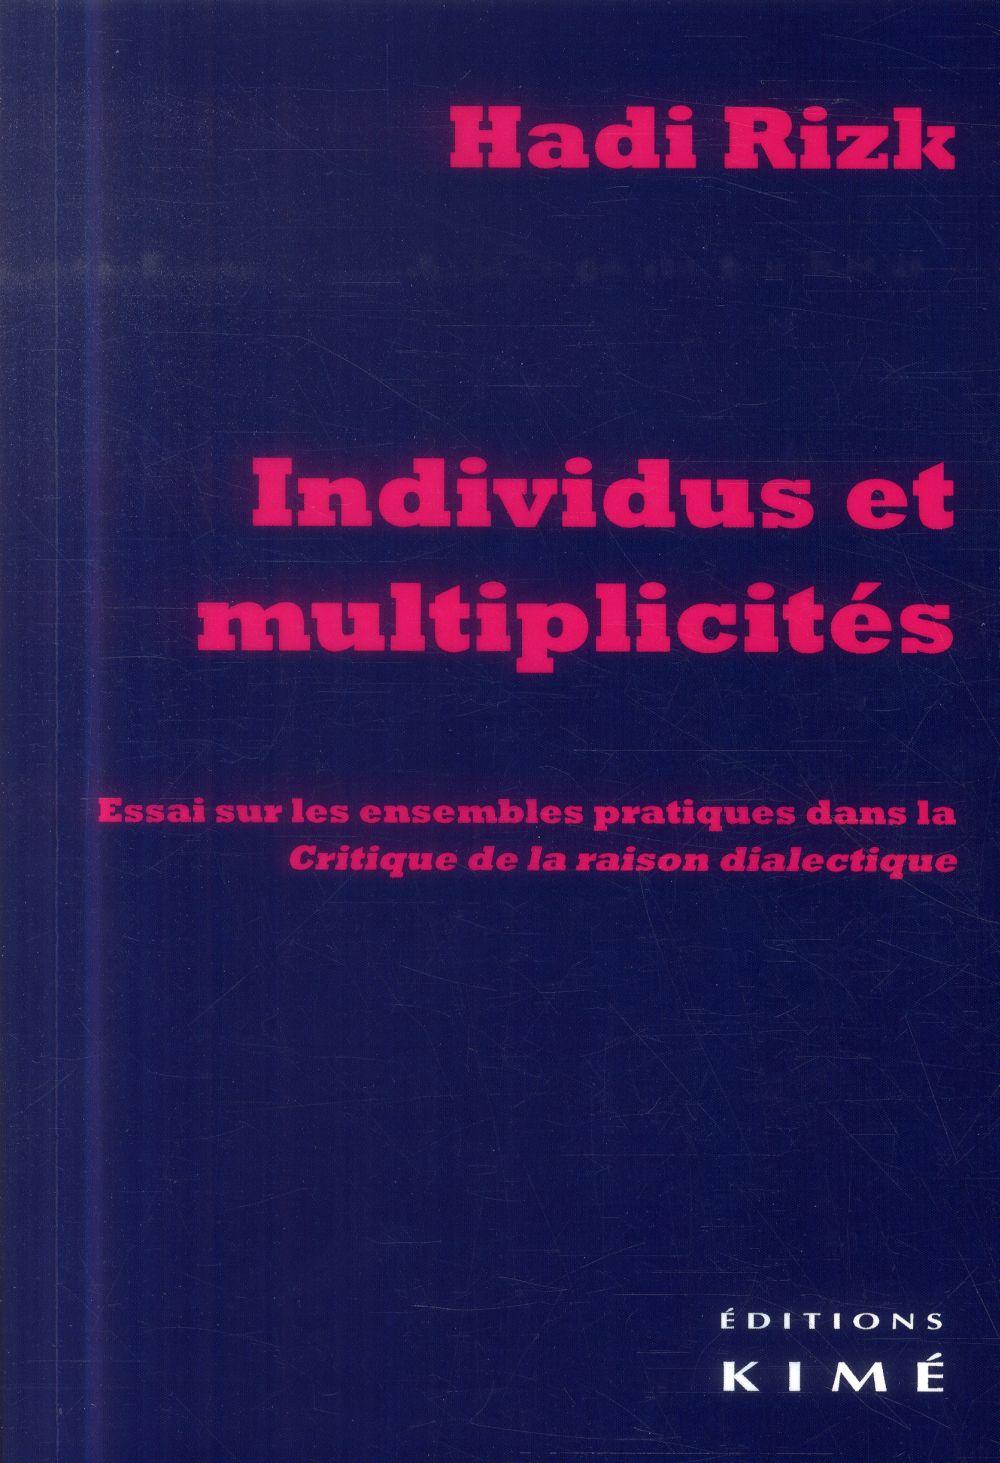 INDIVIDUS ET MULTIPLICITES - ESSAI SUR LES ENSEMBLES PRATIQUES...